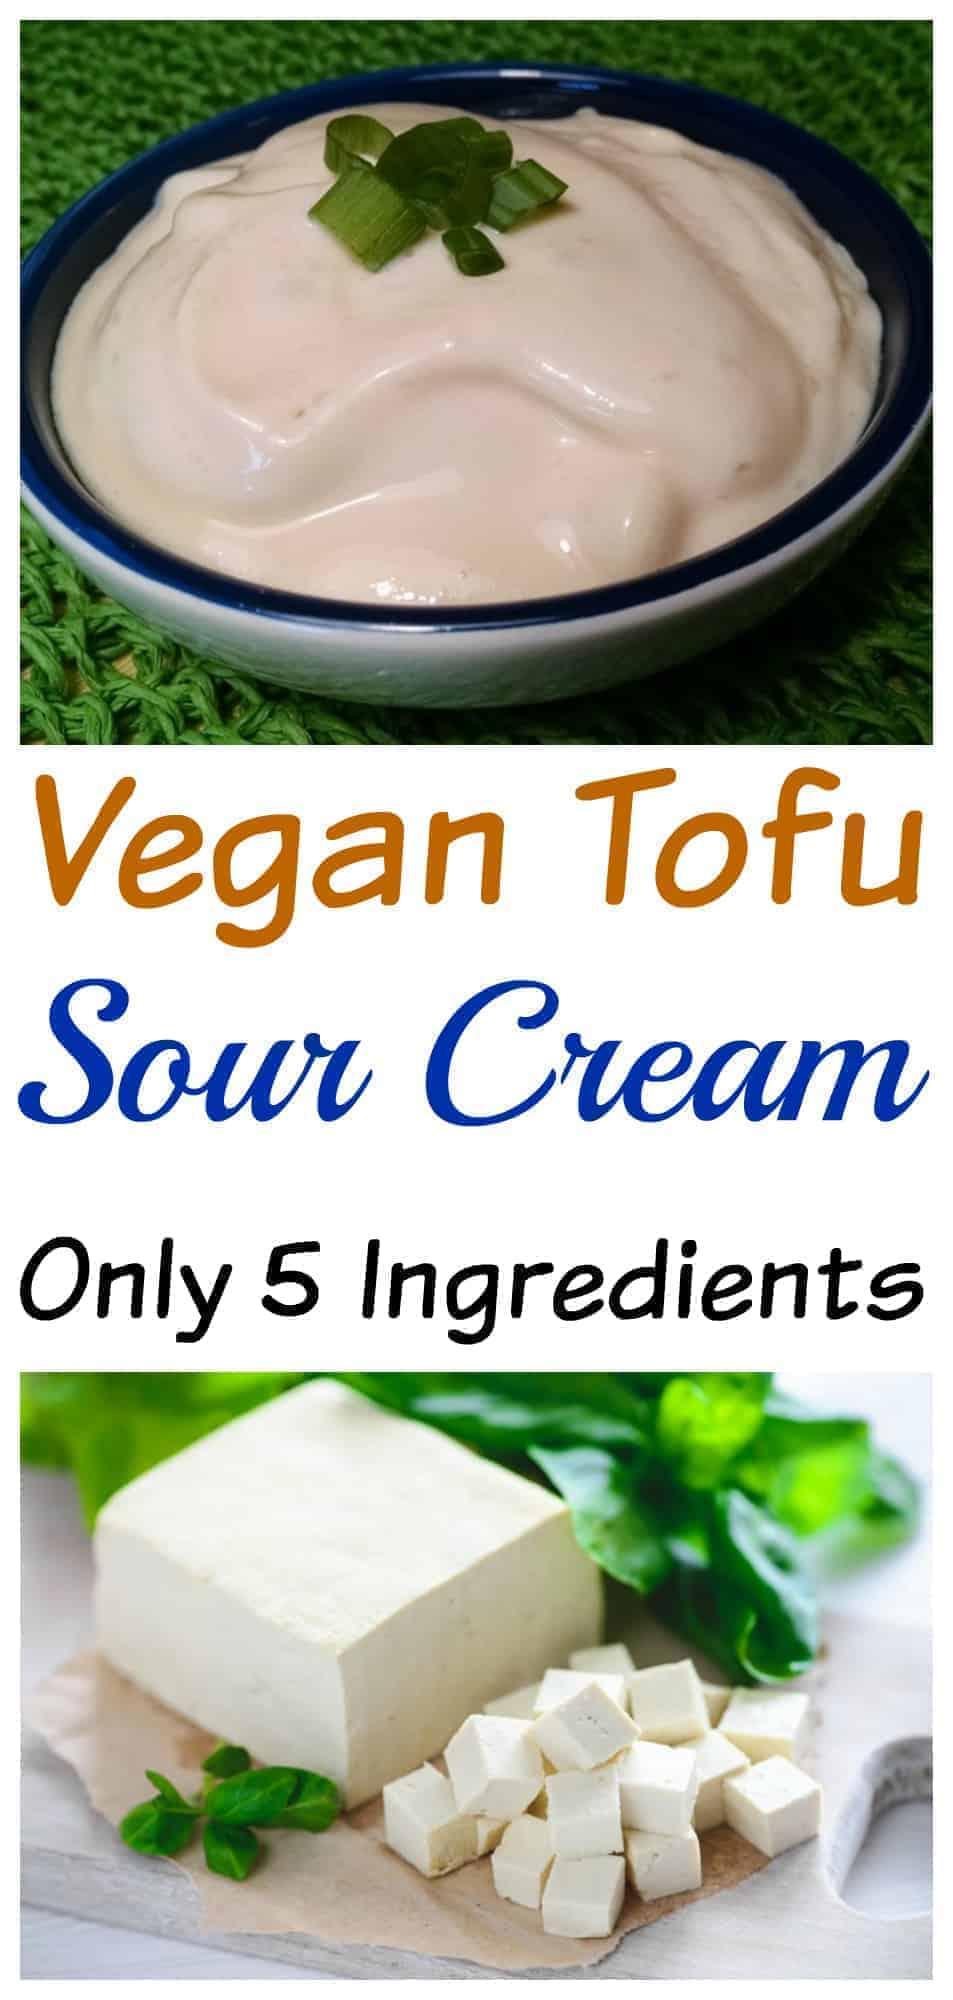 Vegan Tofu Sour Cream